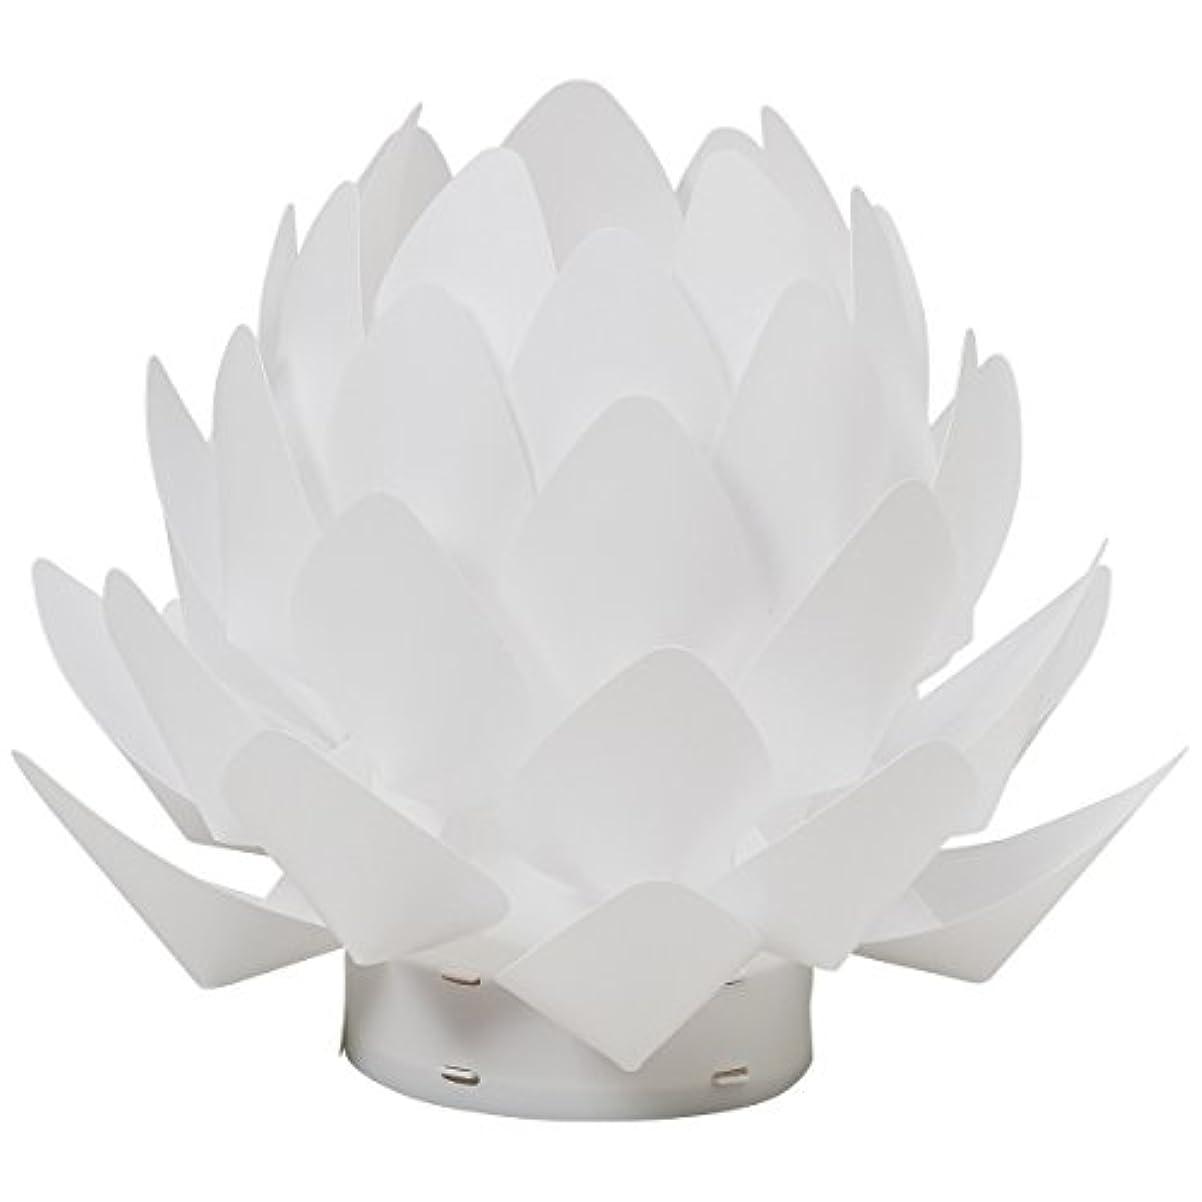 エステート未使用文庫本カメヤマ 盆提灯 Origami-lite 蓮花 XS (間接照明)